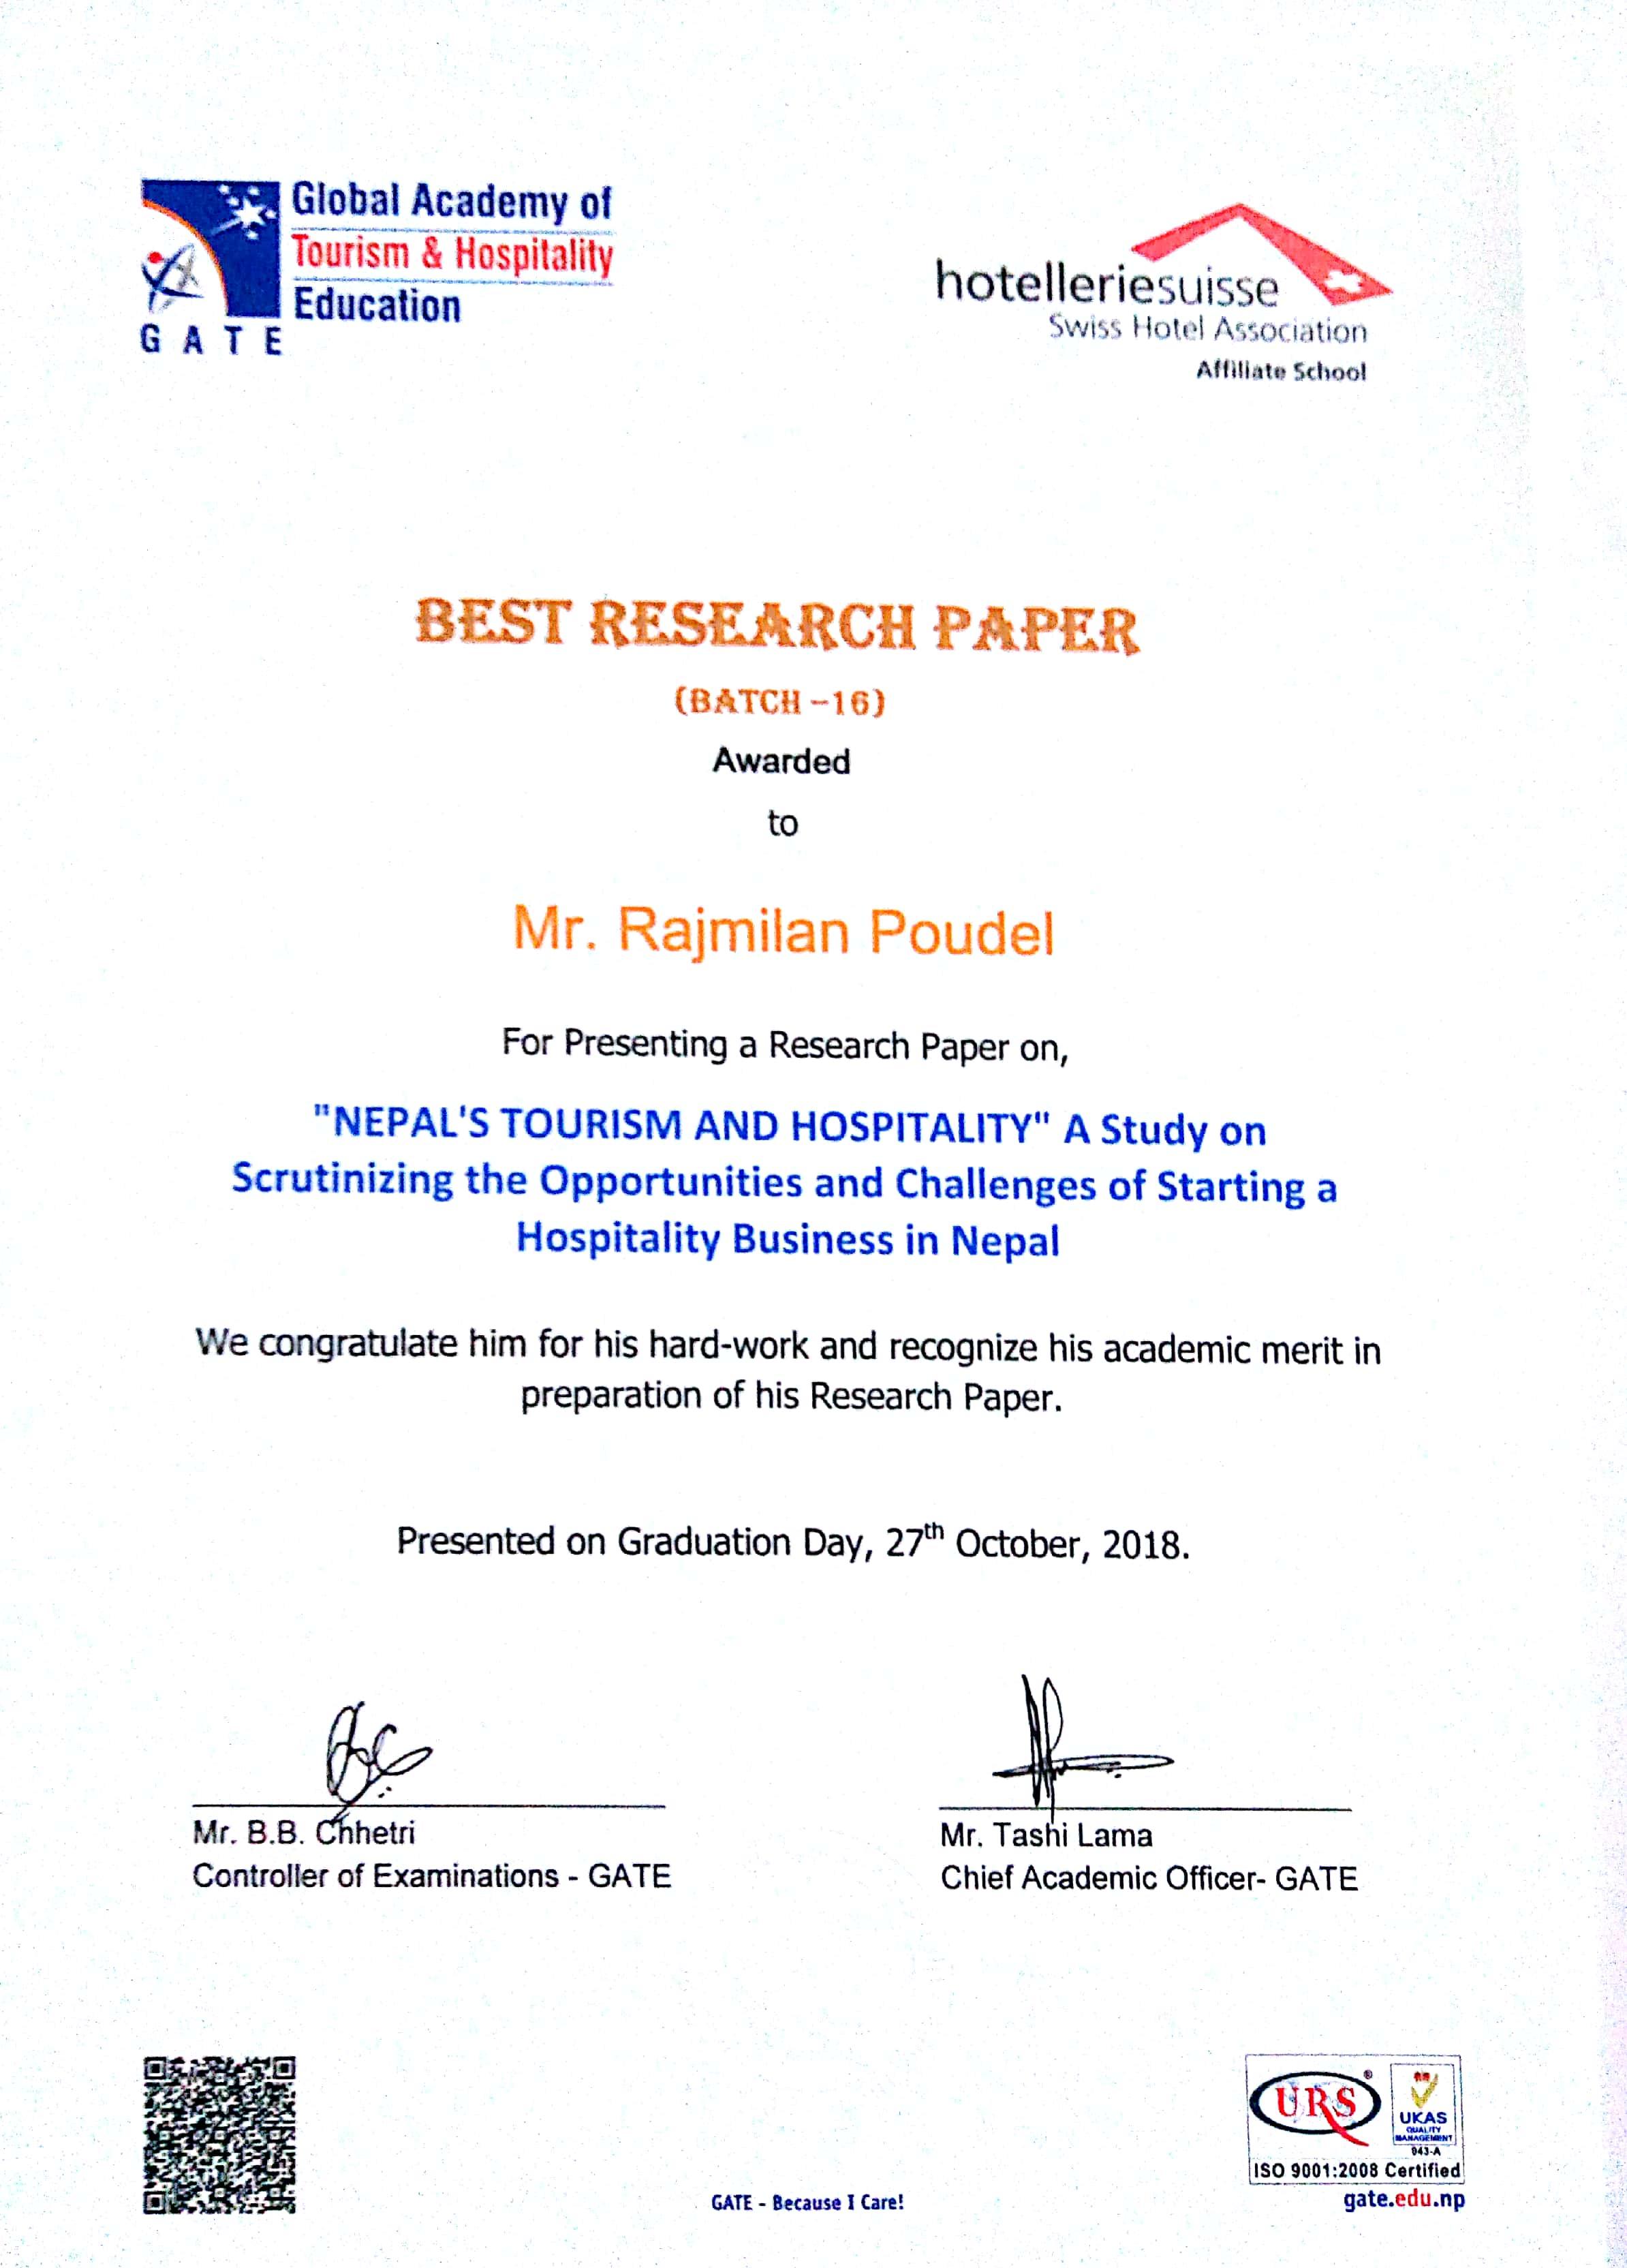 GATE Best Research Paper.jpg